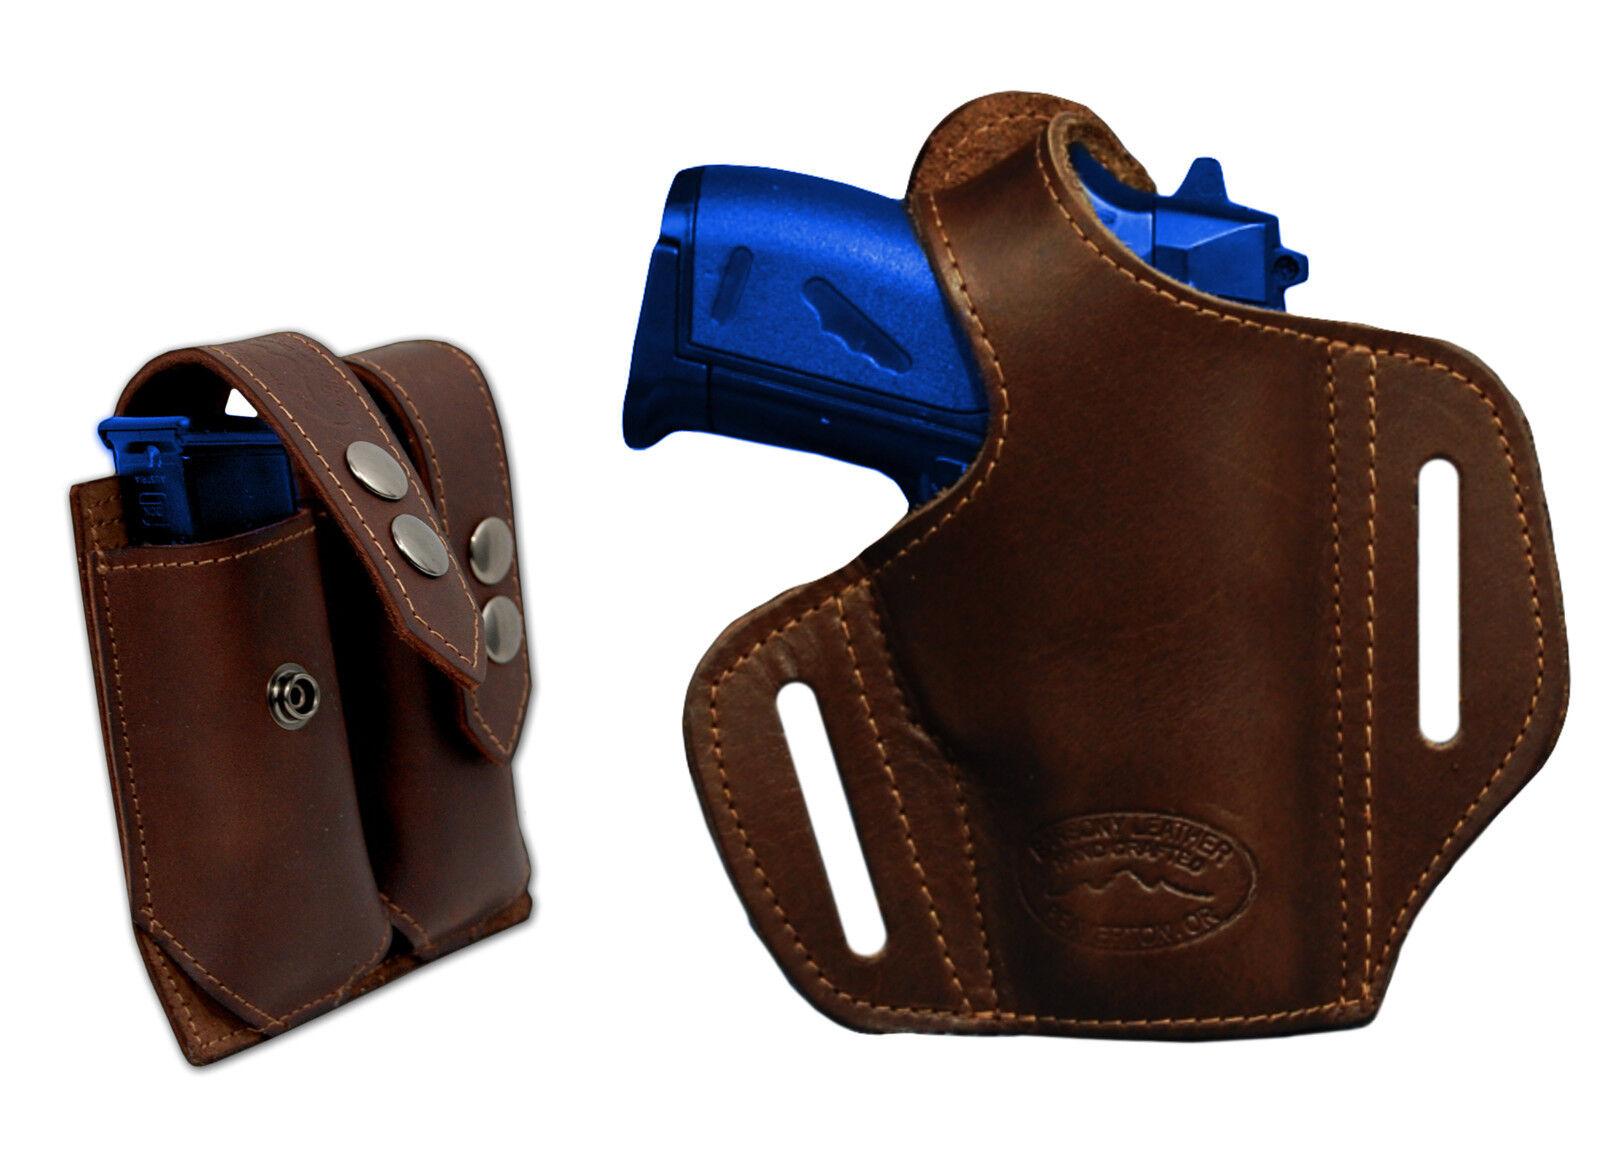 Nuevo barsony marrón cuero panqueque Funda Pistola + bolsa del Mag Bersa, Colt 22 25 380